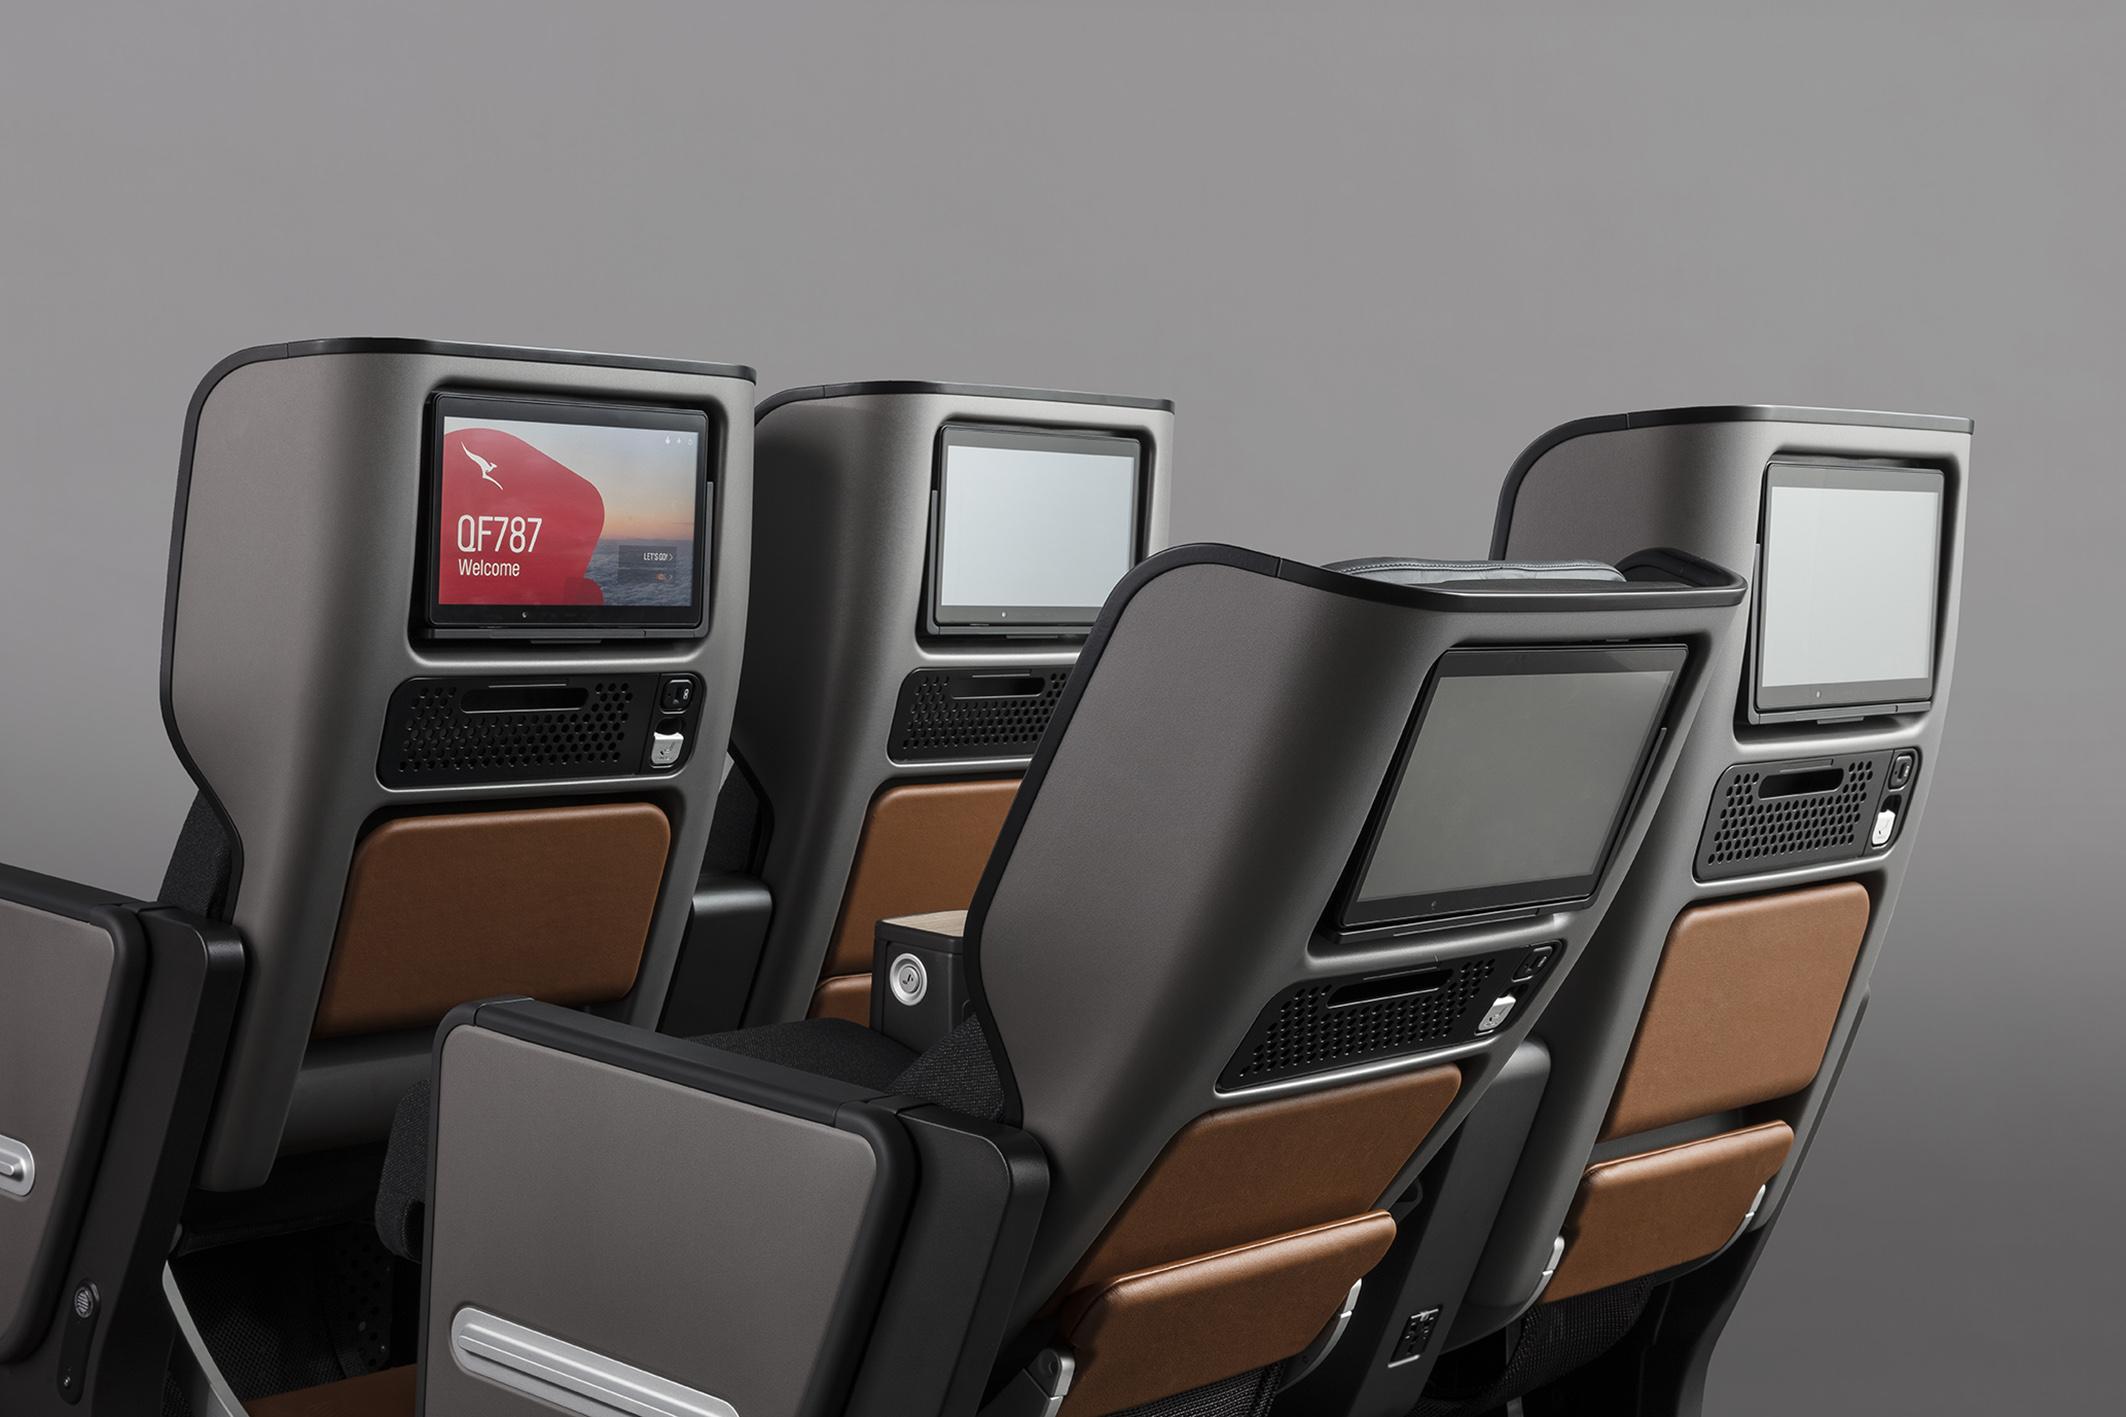 Caon_QF Seats_0A8A7689_DE.jpg